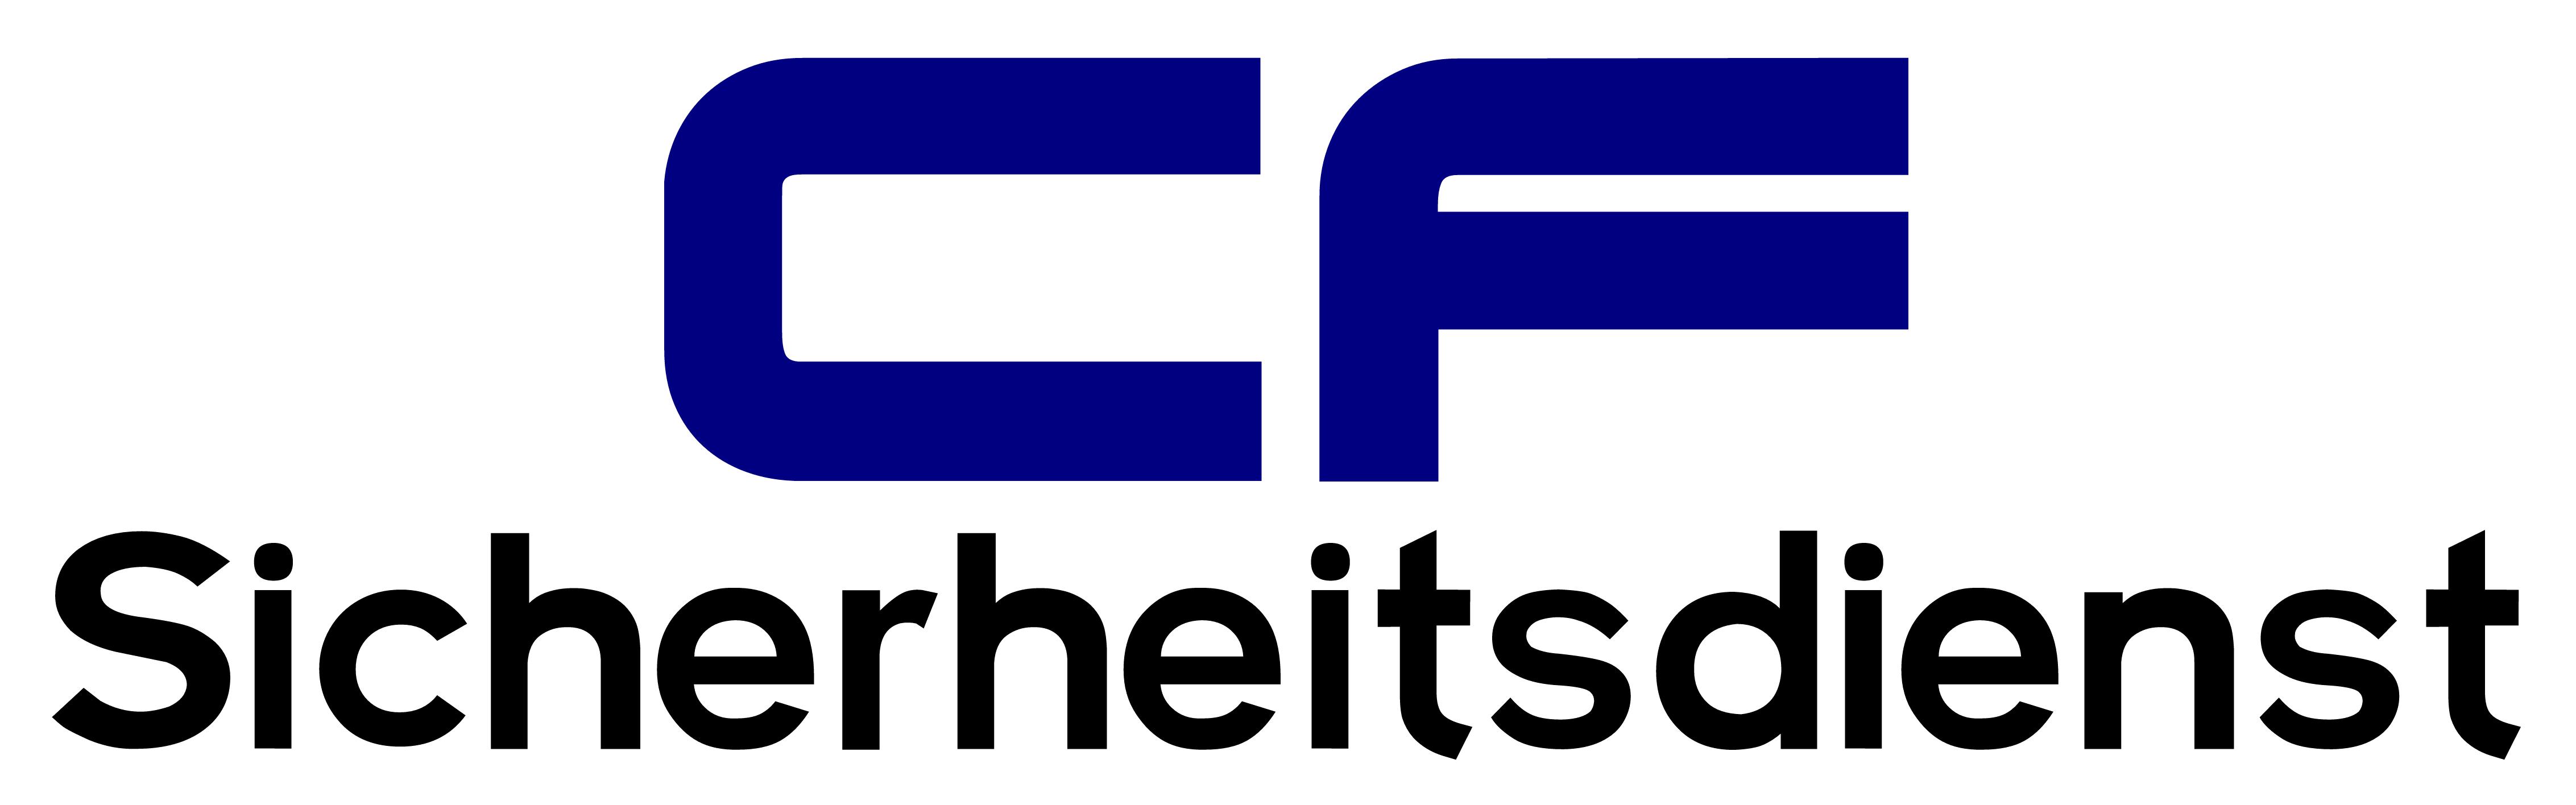 CF Sicherheitsdienst e.K.